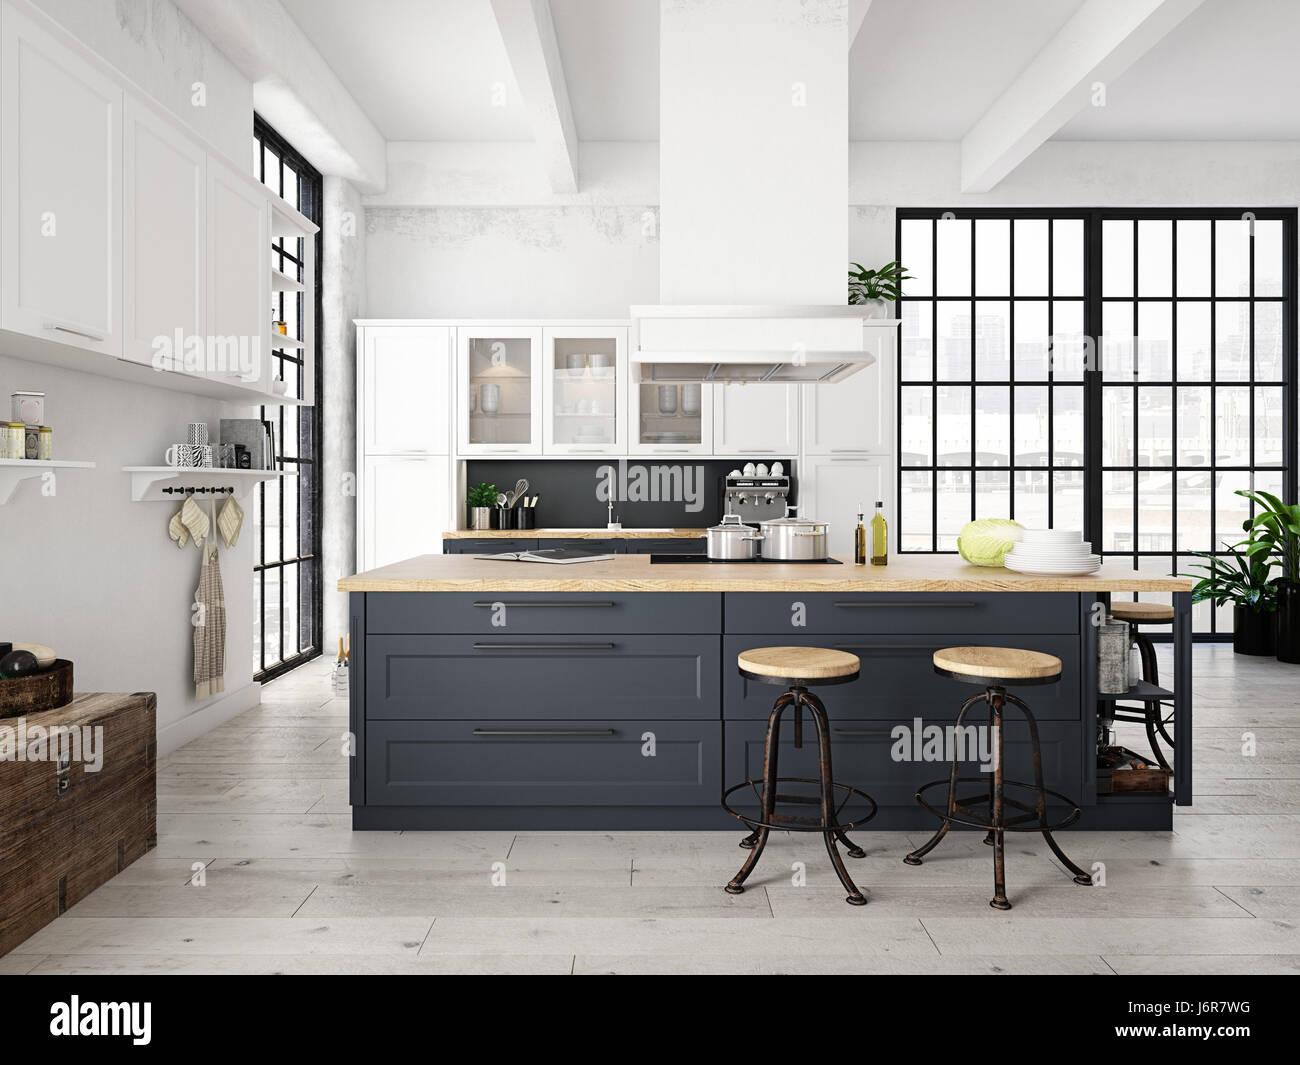 Moderne nordische küche in loft wohnung d rendering stockfoto